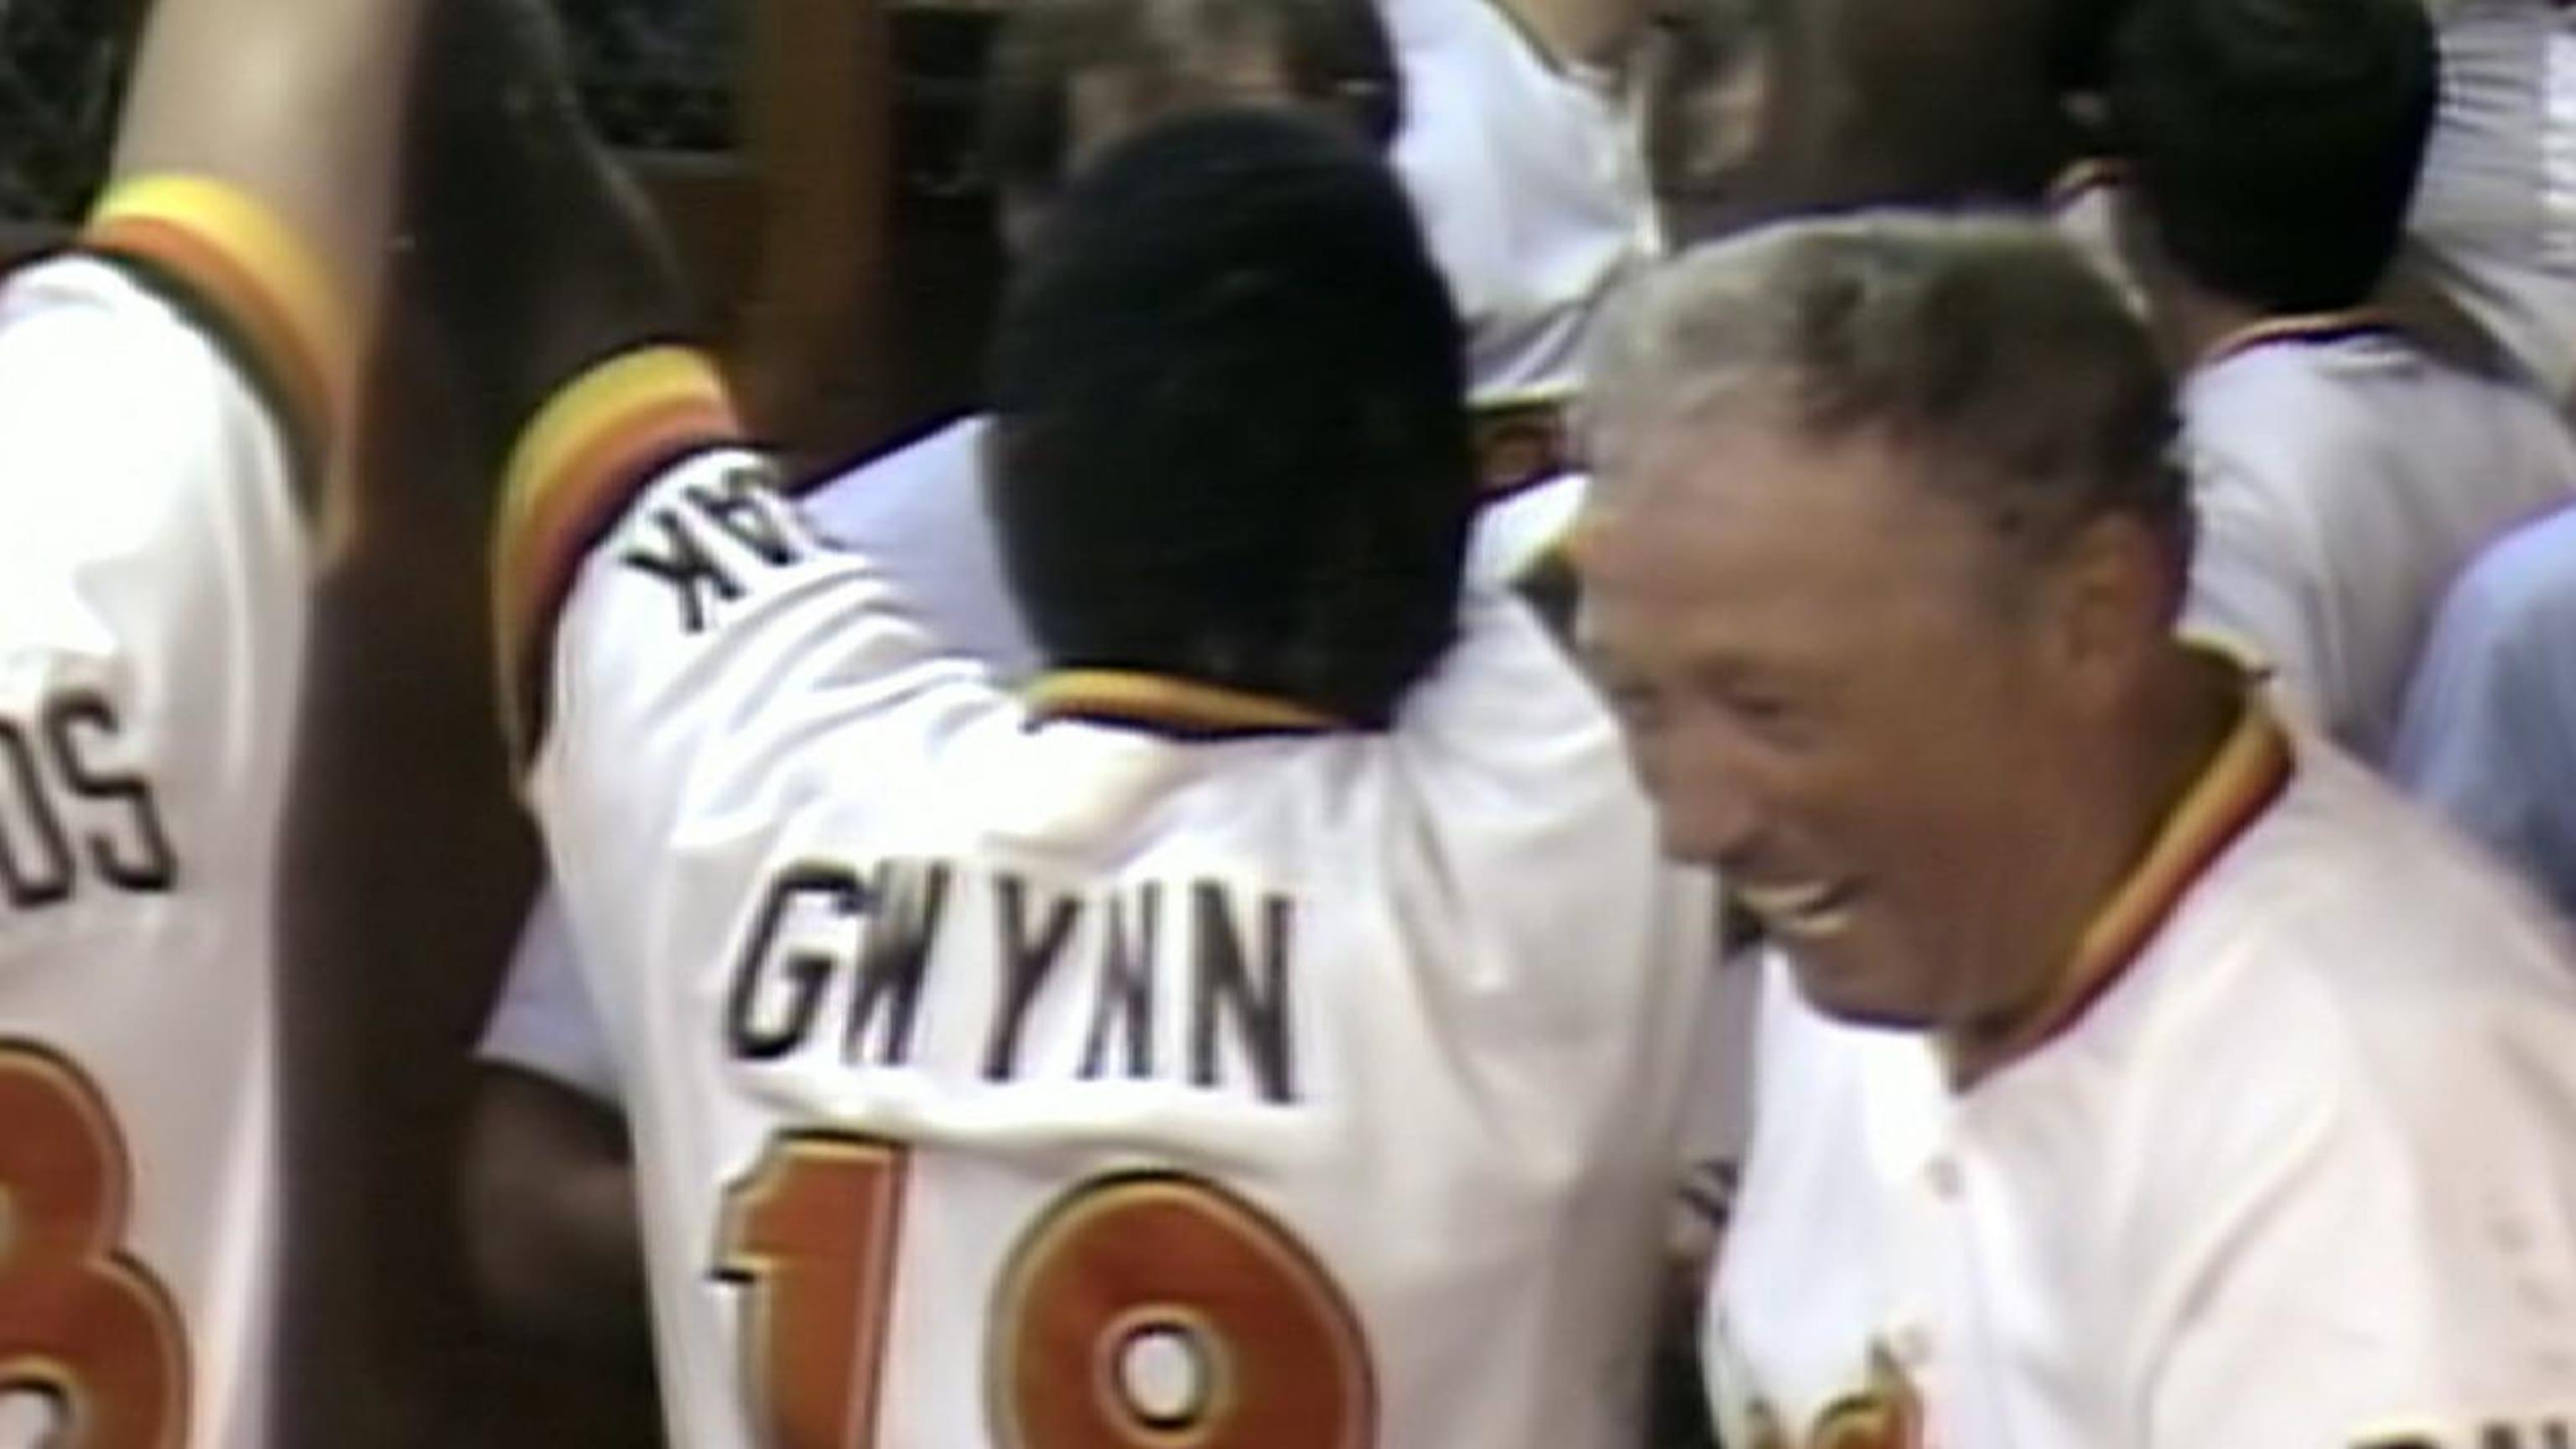 Tony Gwynn breaks out in 1984